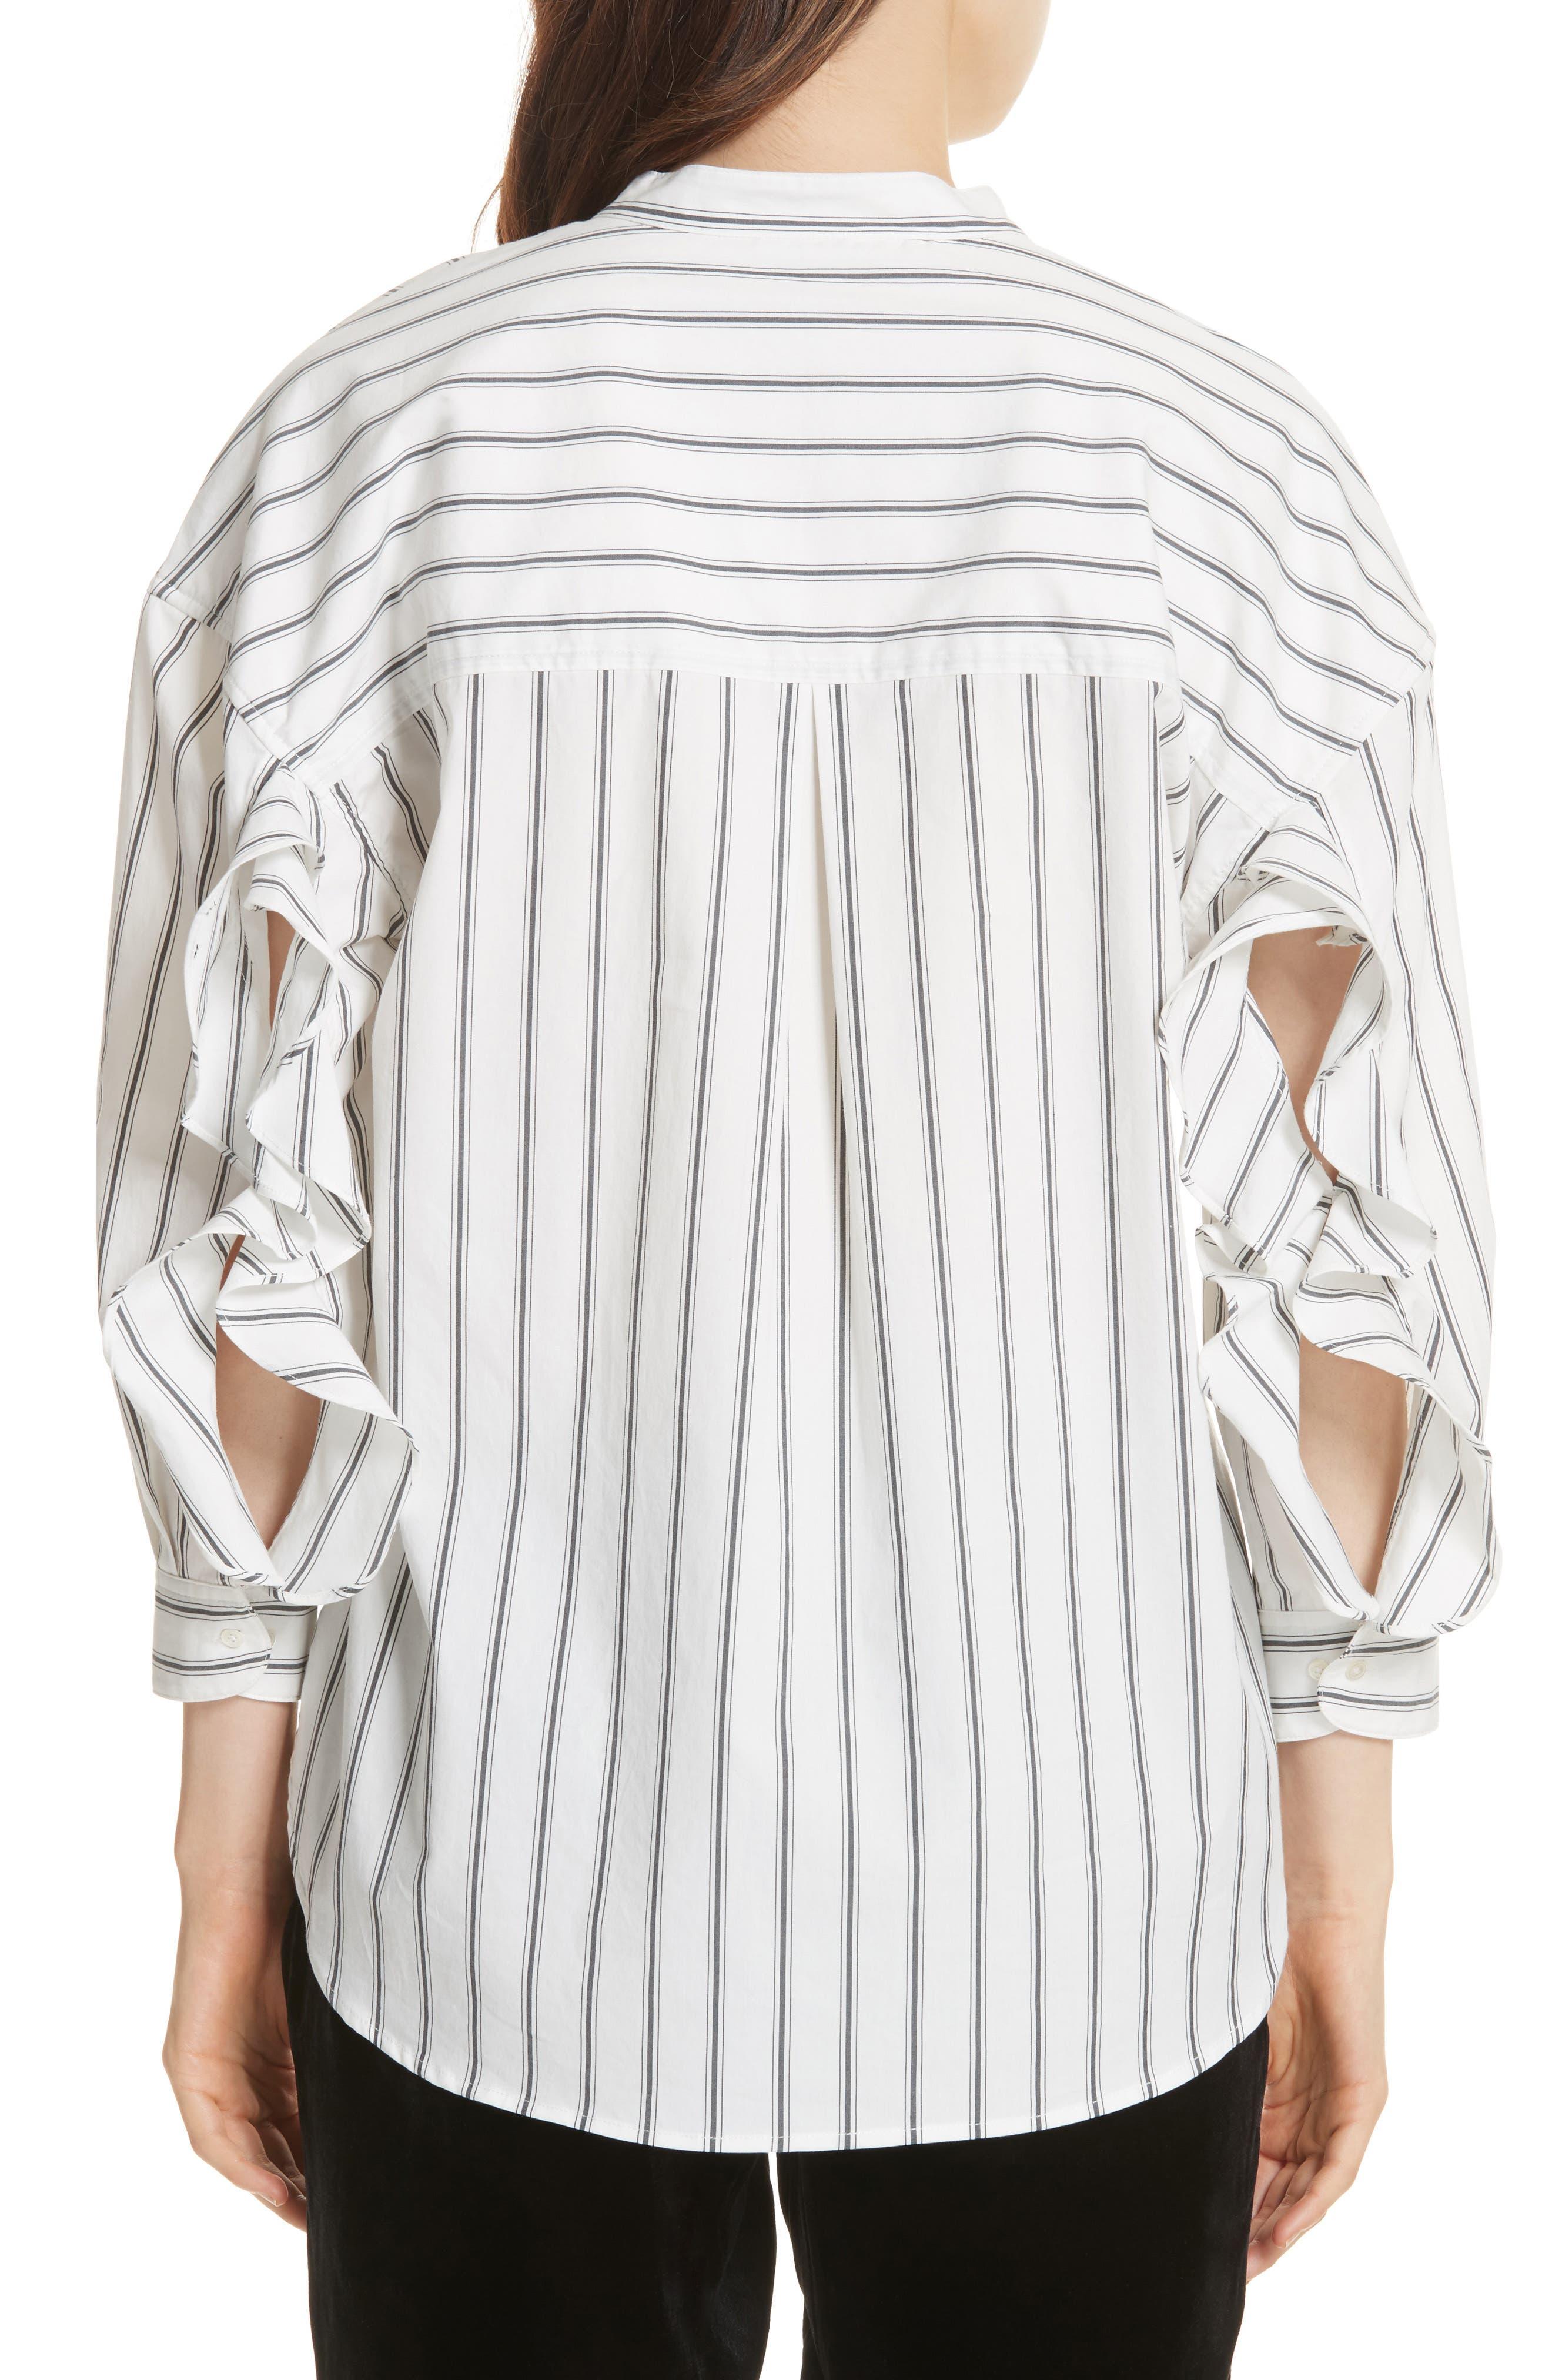 Poni Stripe Shirt,                             Alternate thumbnail 2, color,                             Porcelain